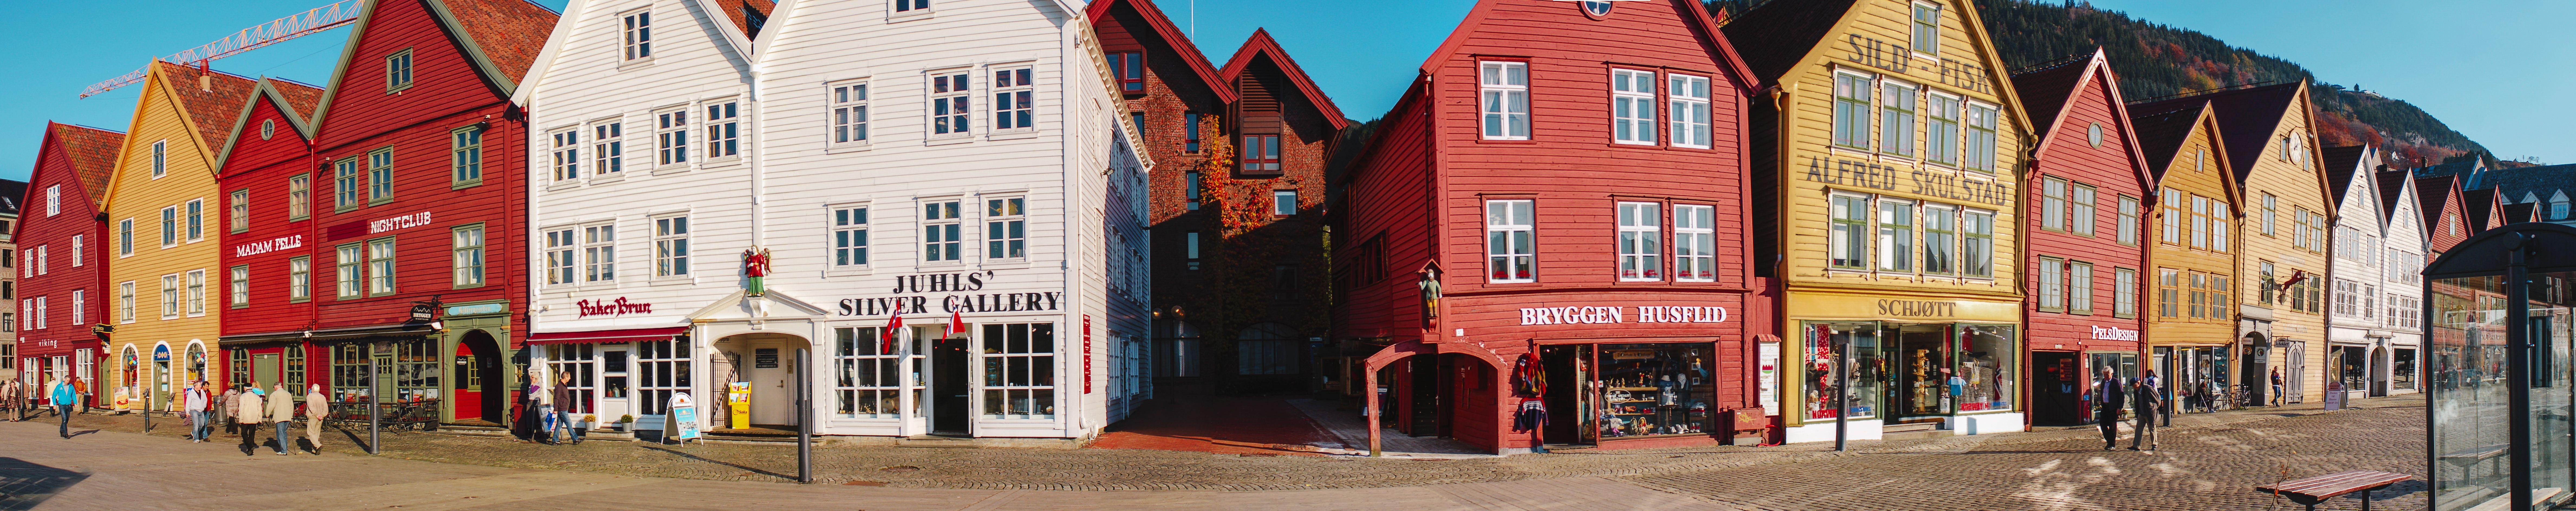 The Bryggen in Copenhagen